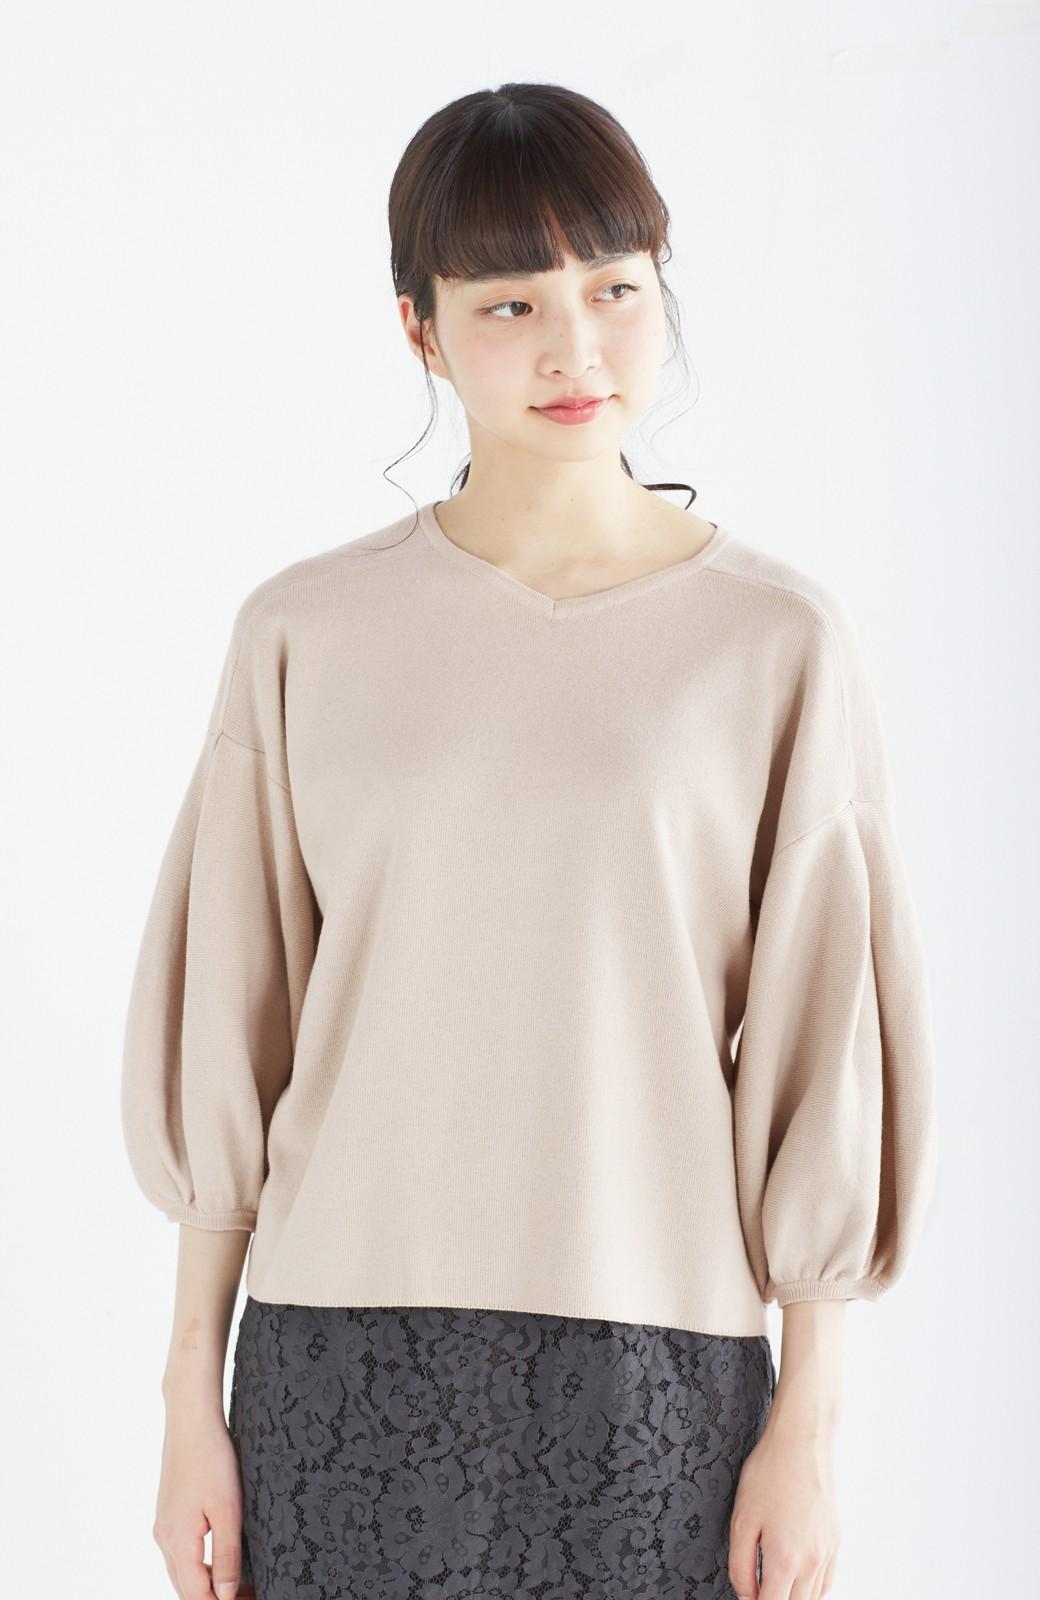 エムトロワ パッと着るだけで上品&今気分 きれいめ総針編みのぷっくり袖ニット <ベージュ>の商品写真11